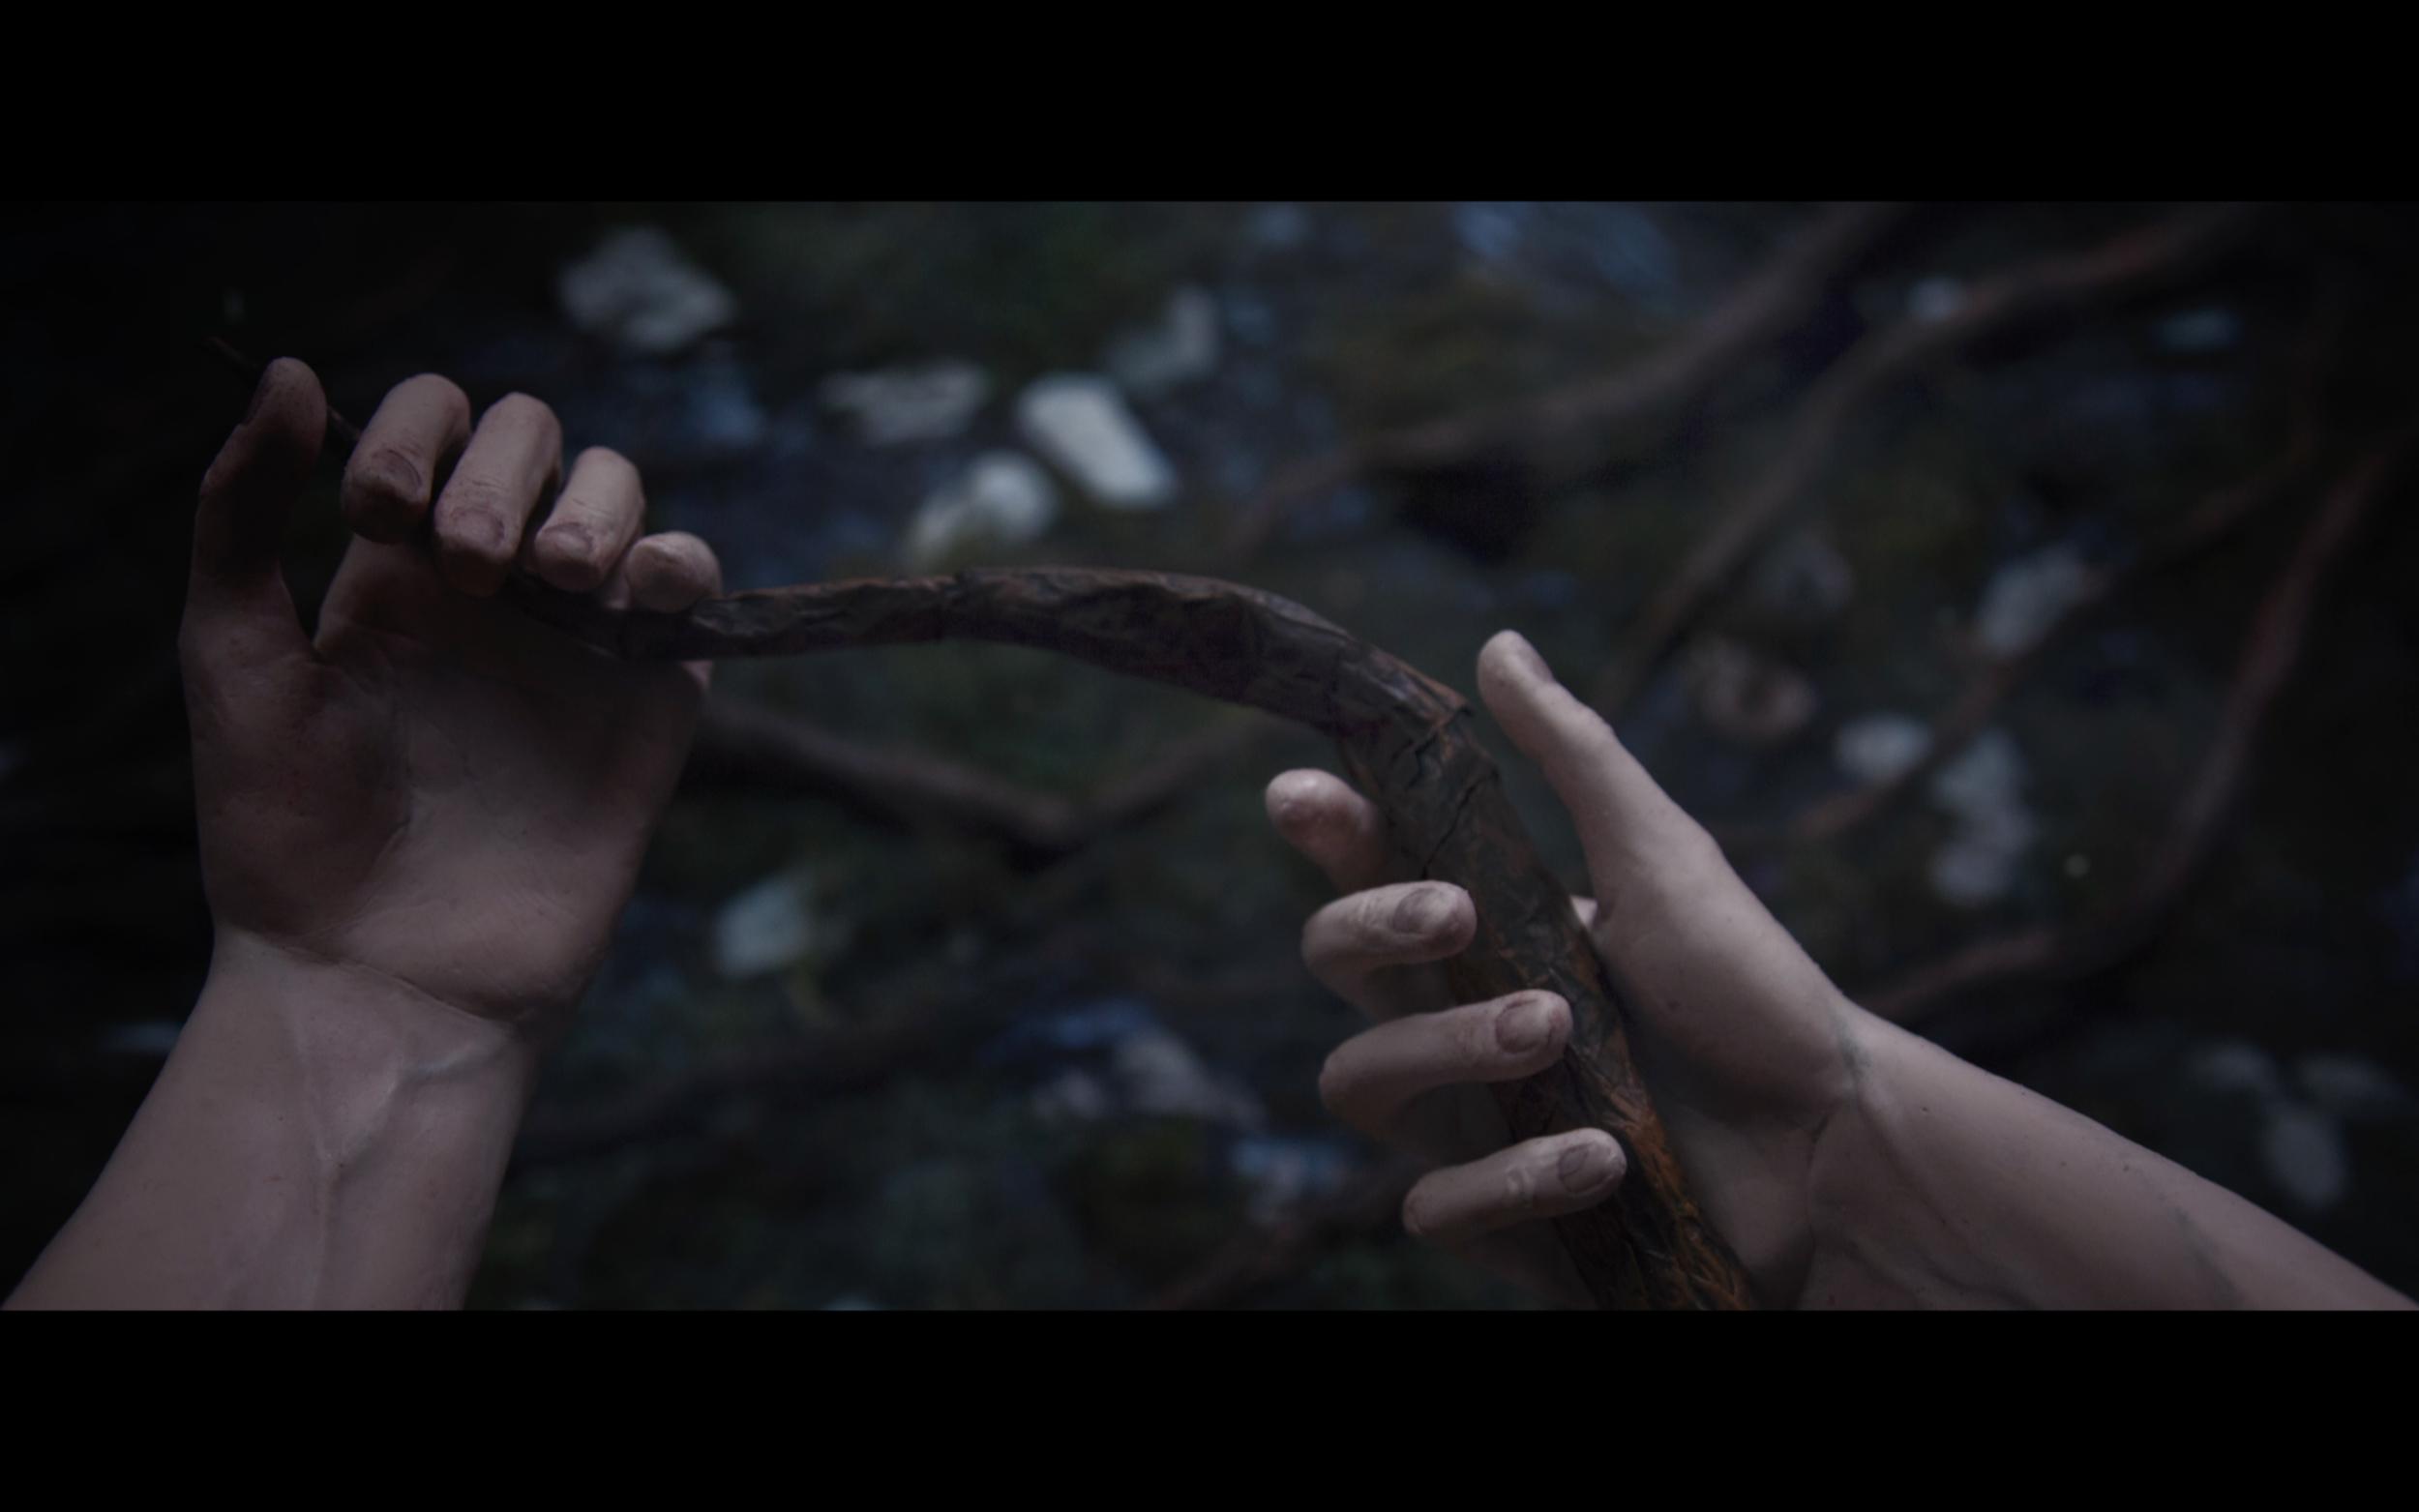 hands-olluna.jpg